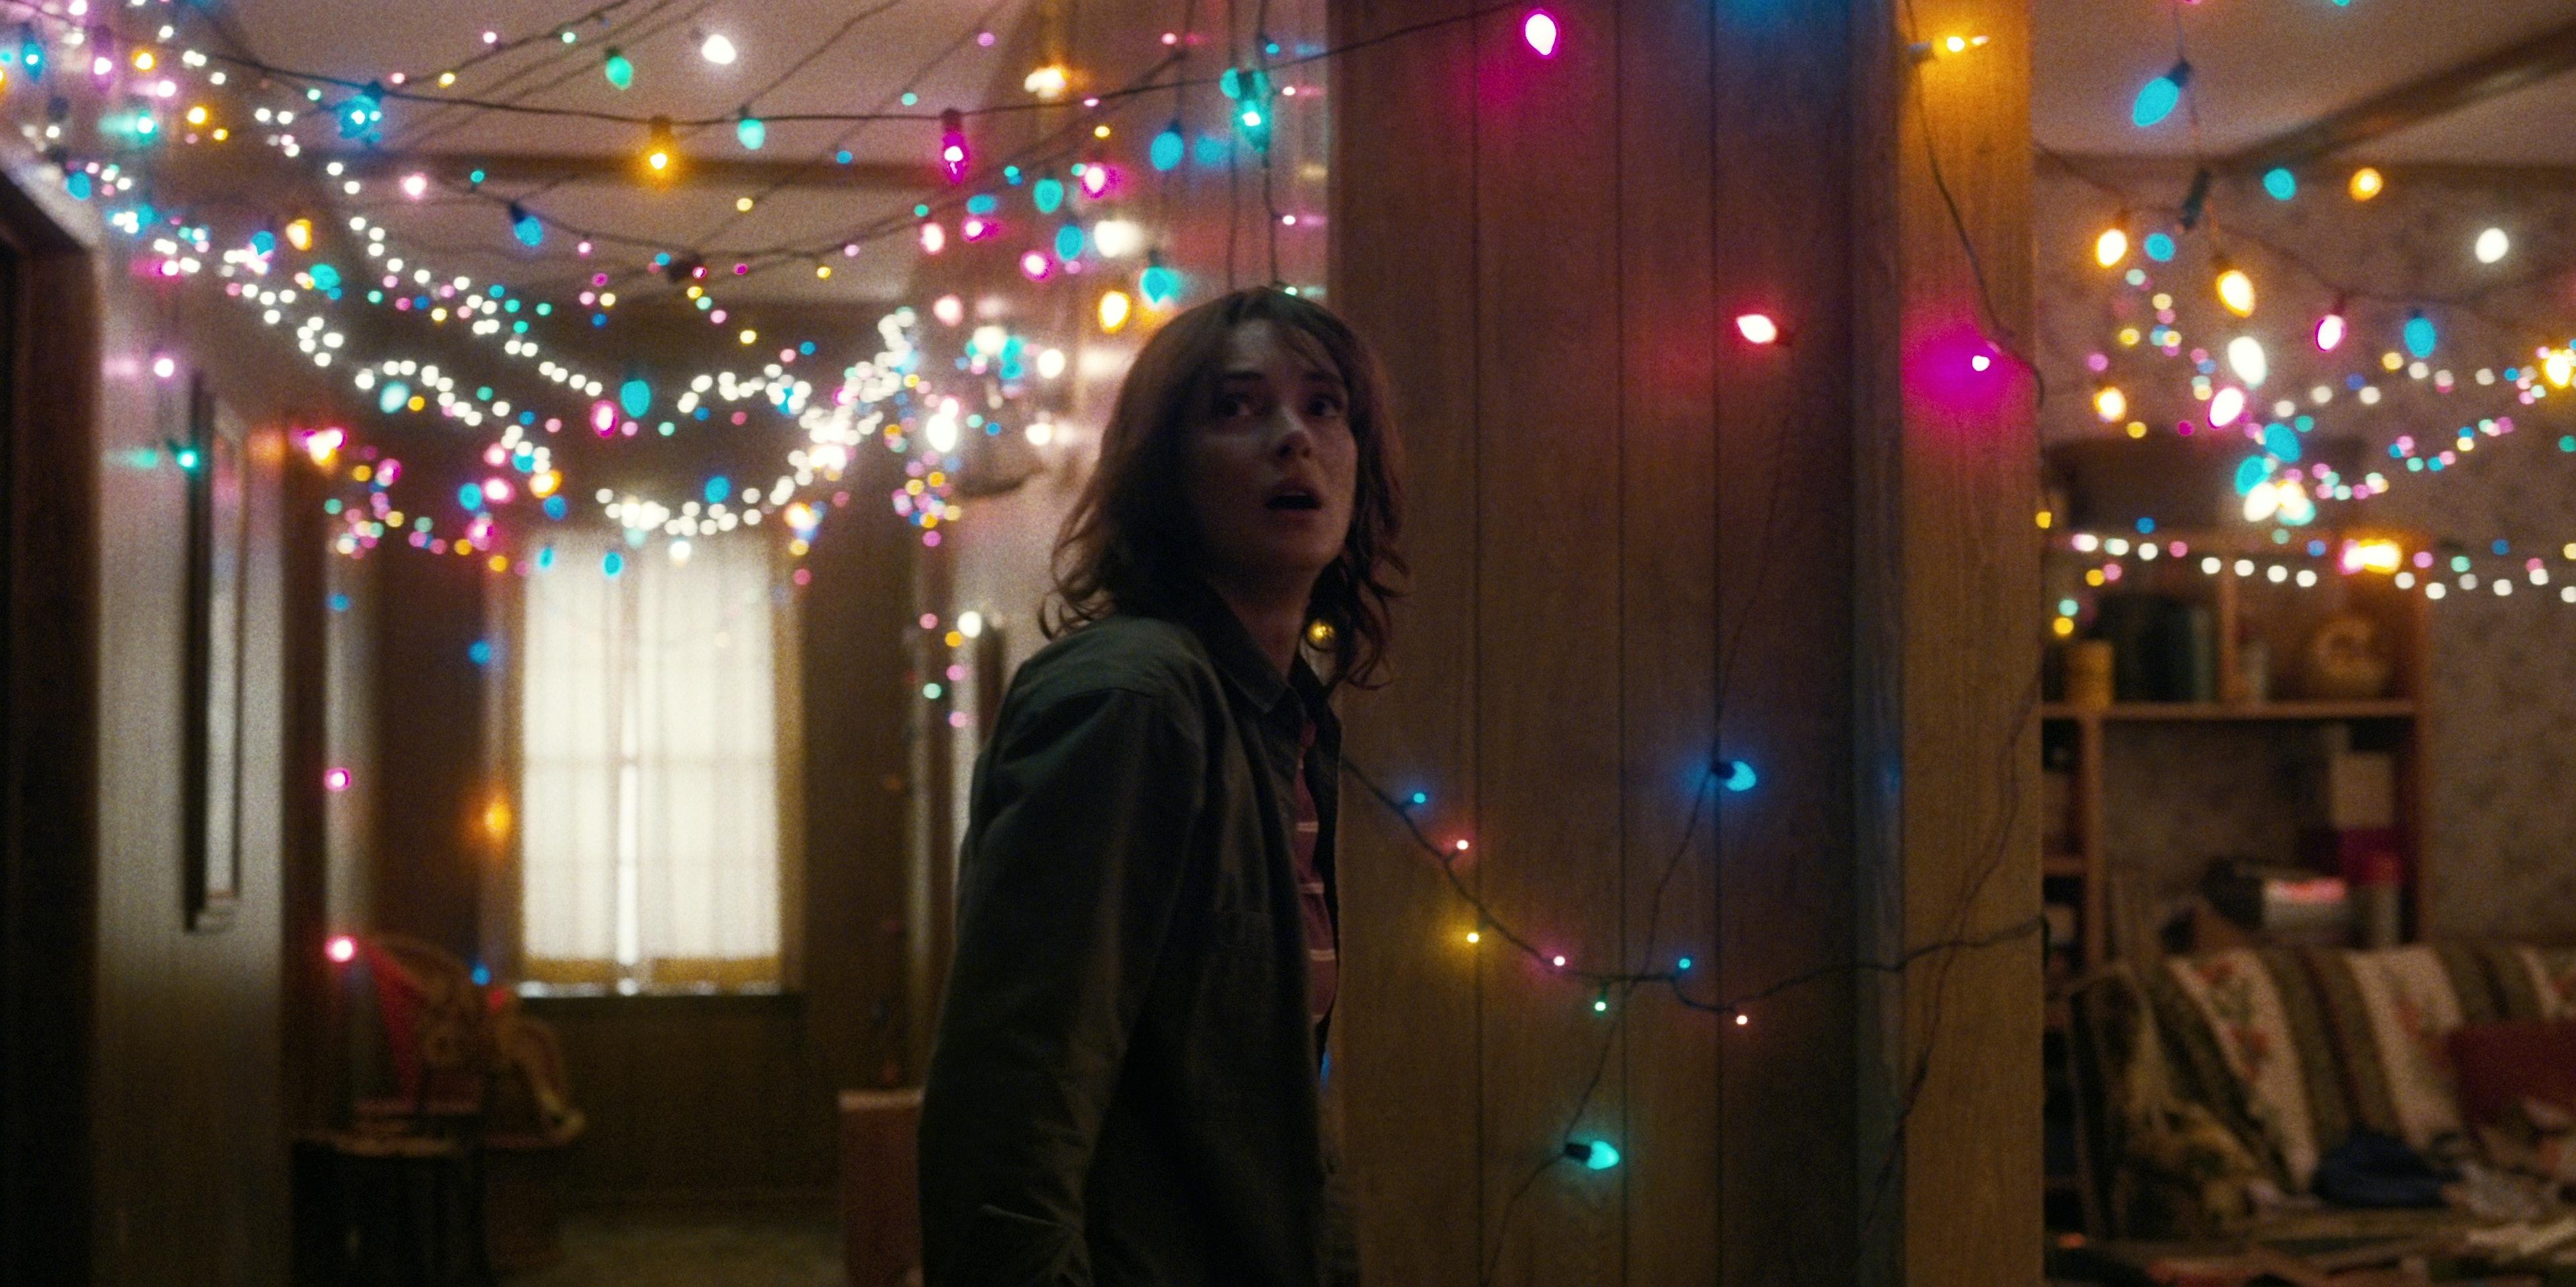 Résultats de recherche d'images pour «stranger things lights»